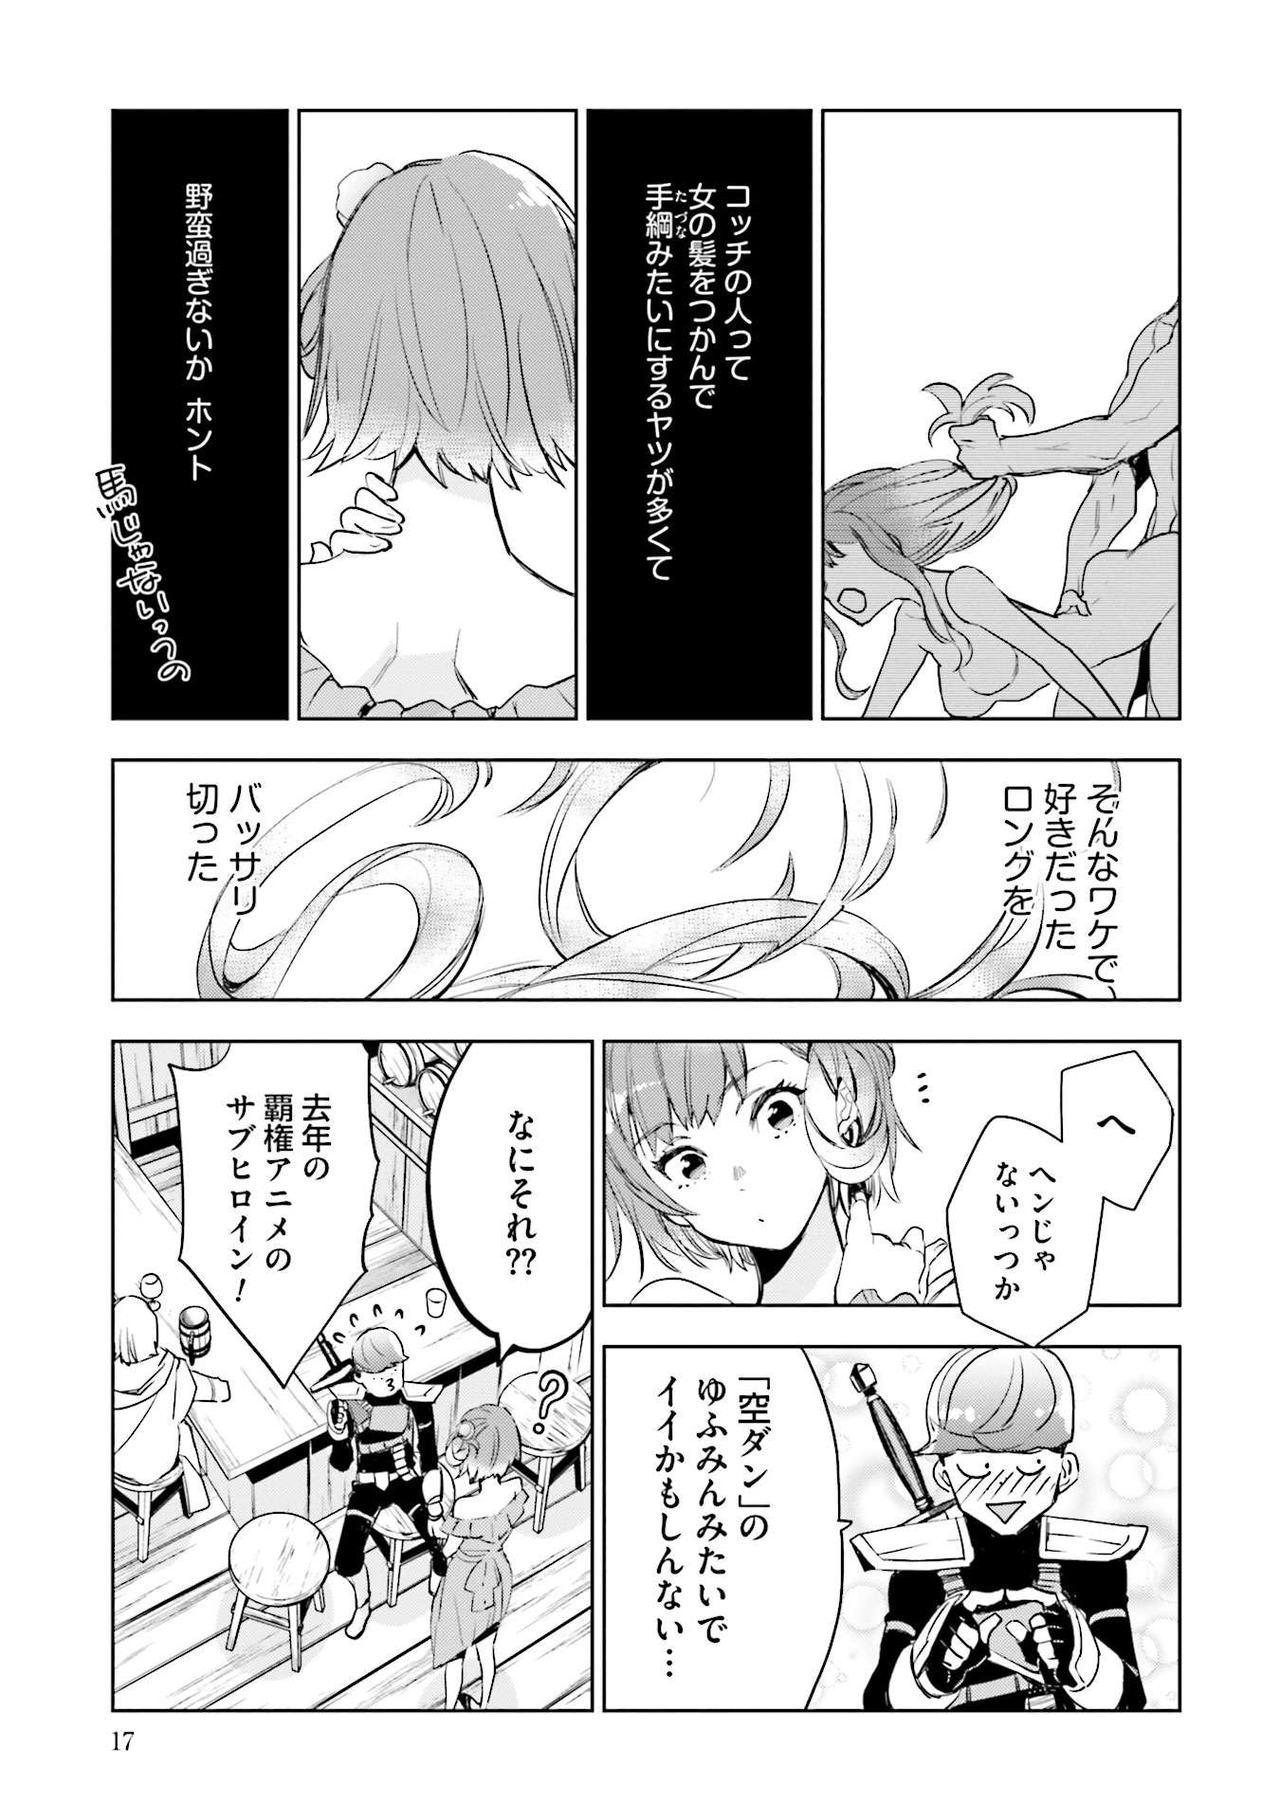 JK Haru wa Isekai de Shoufu ni Natta 1-14 18